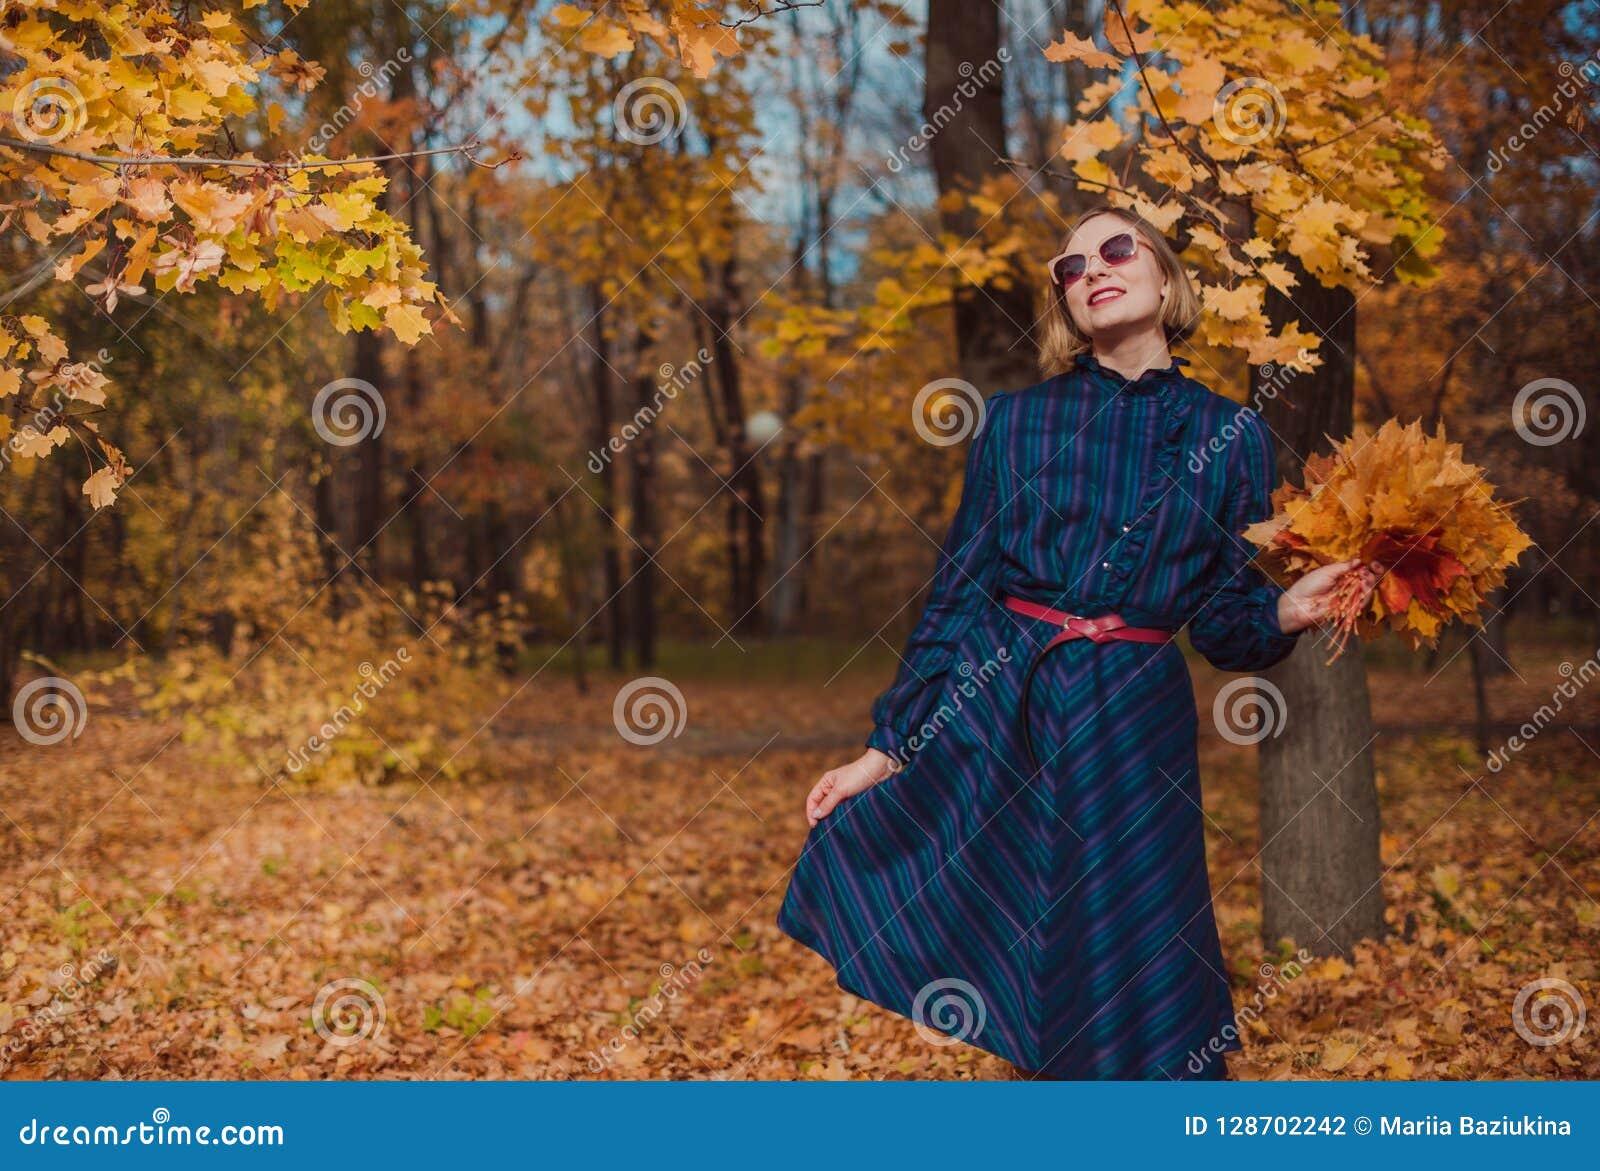 有金发的少妇穿蓝色礼服走在秋天公园的